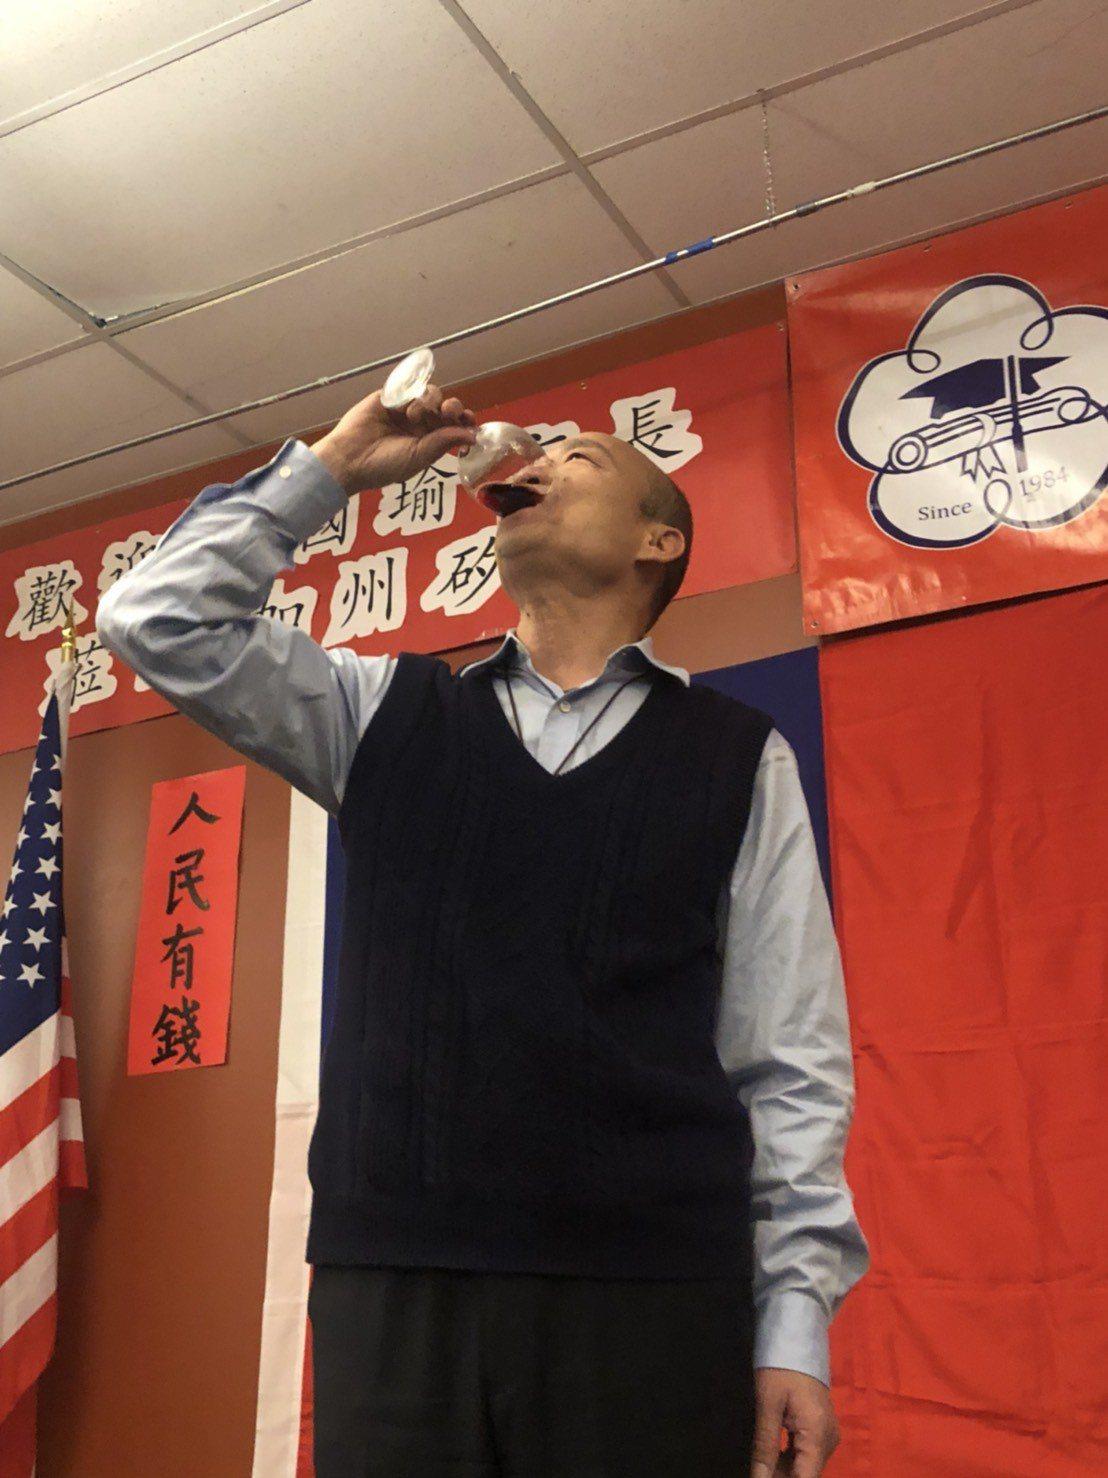 高雄市長韓國瑜訪美行程來到北加州,美西時間14日晚間與當地僑胞餐敘,韓在台上以紅...